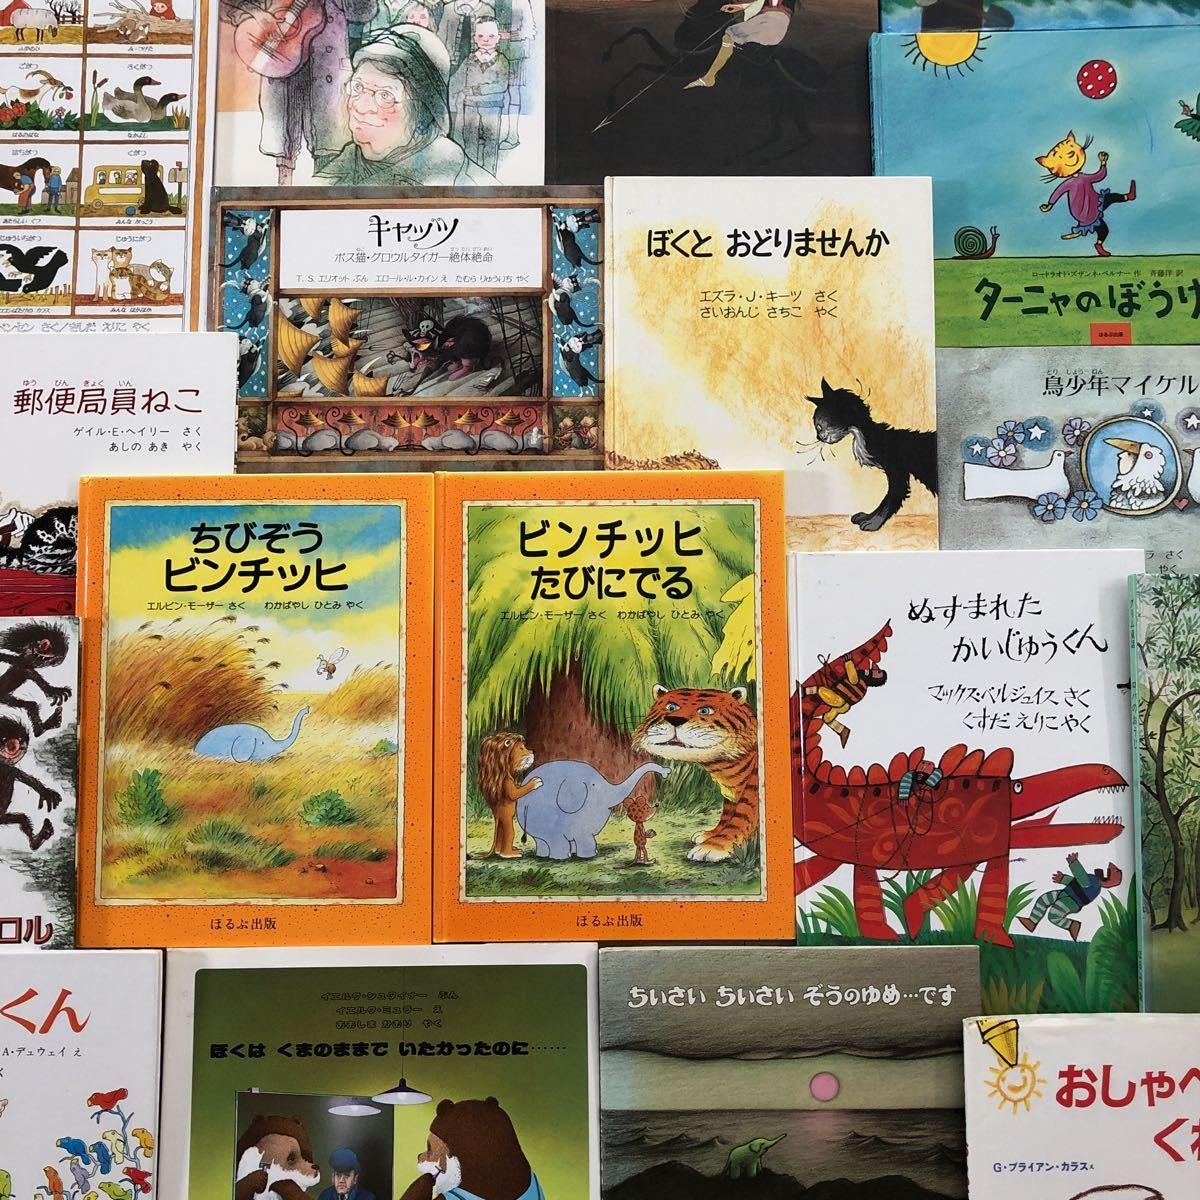 人気翻訳絵本◎ほるぷ出版 30冊 送料無料